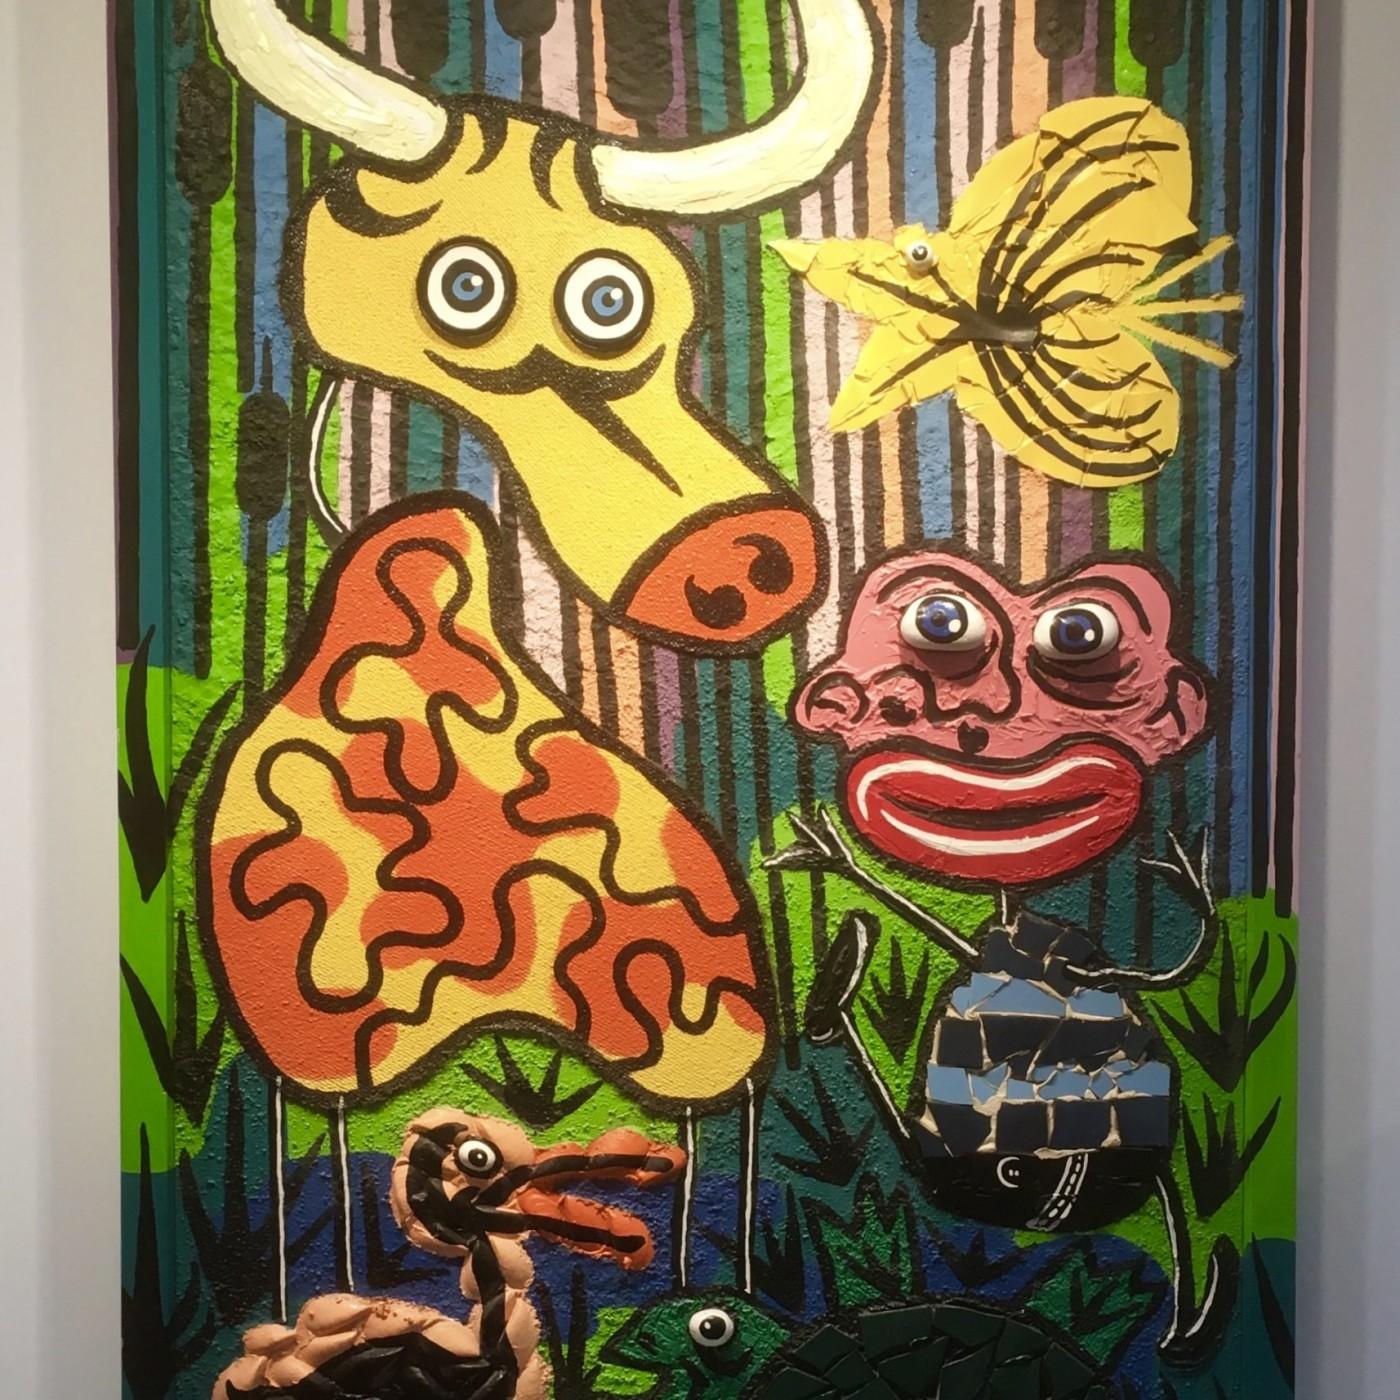 MC aime l'exposition d'art singulier à Châtenay-Malabry (22/02/20)